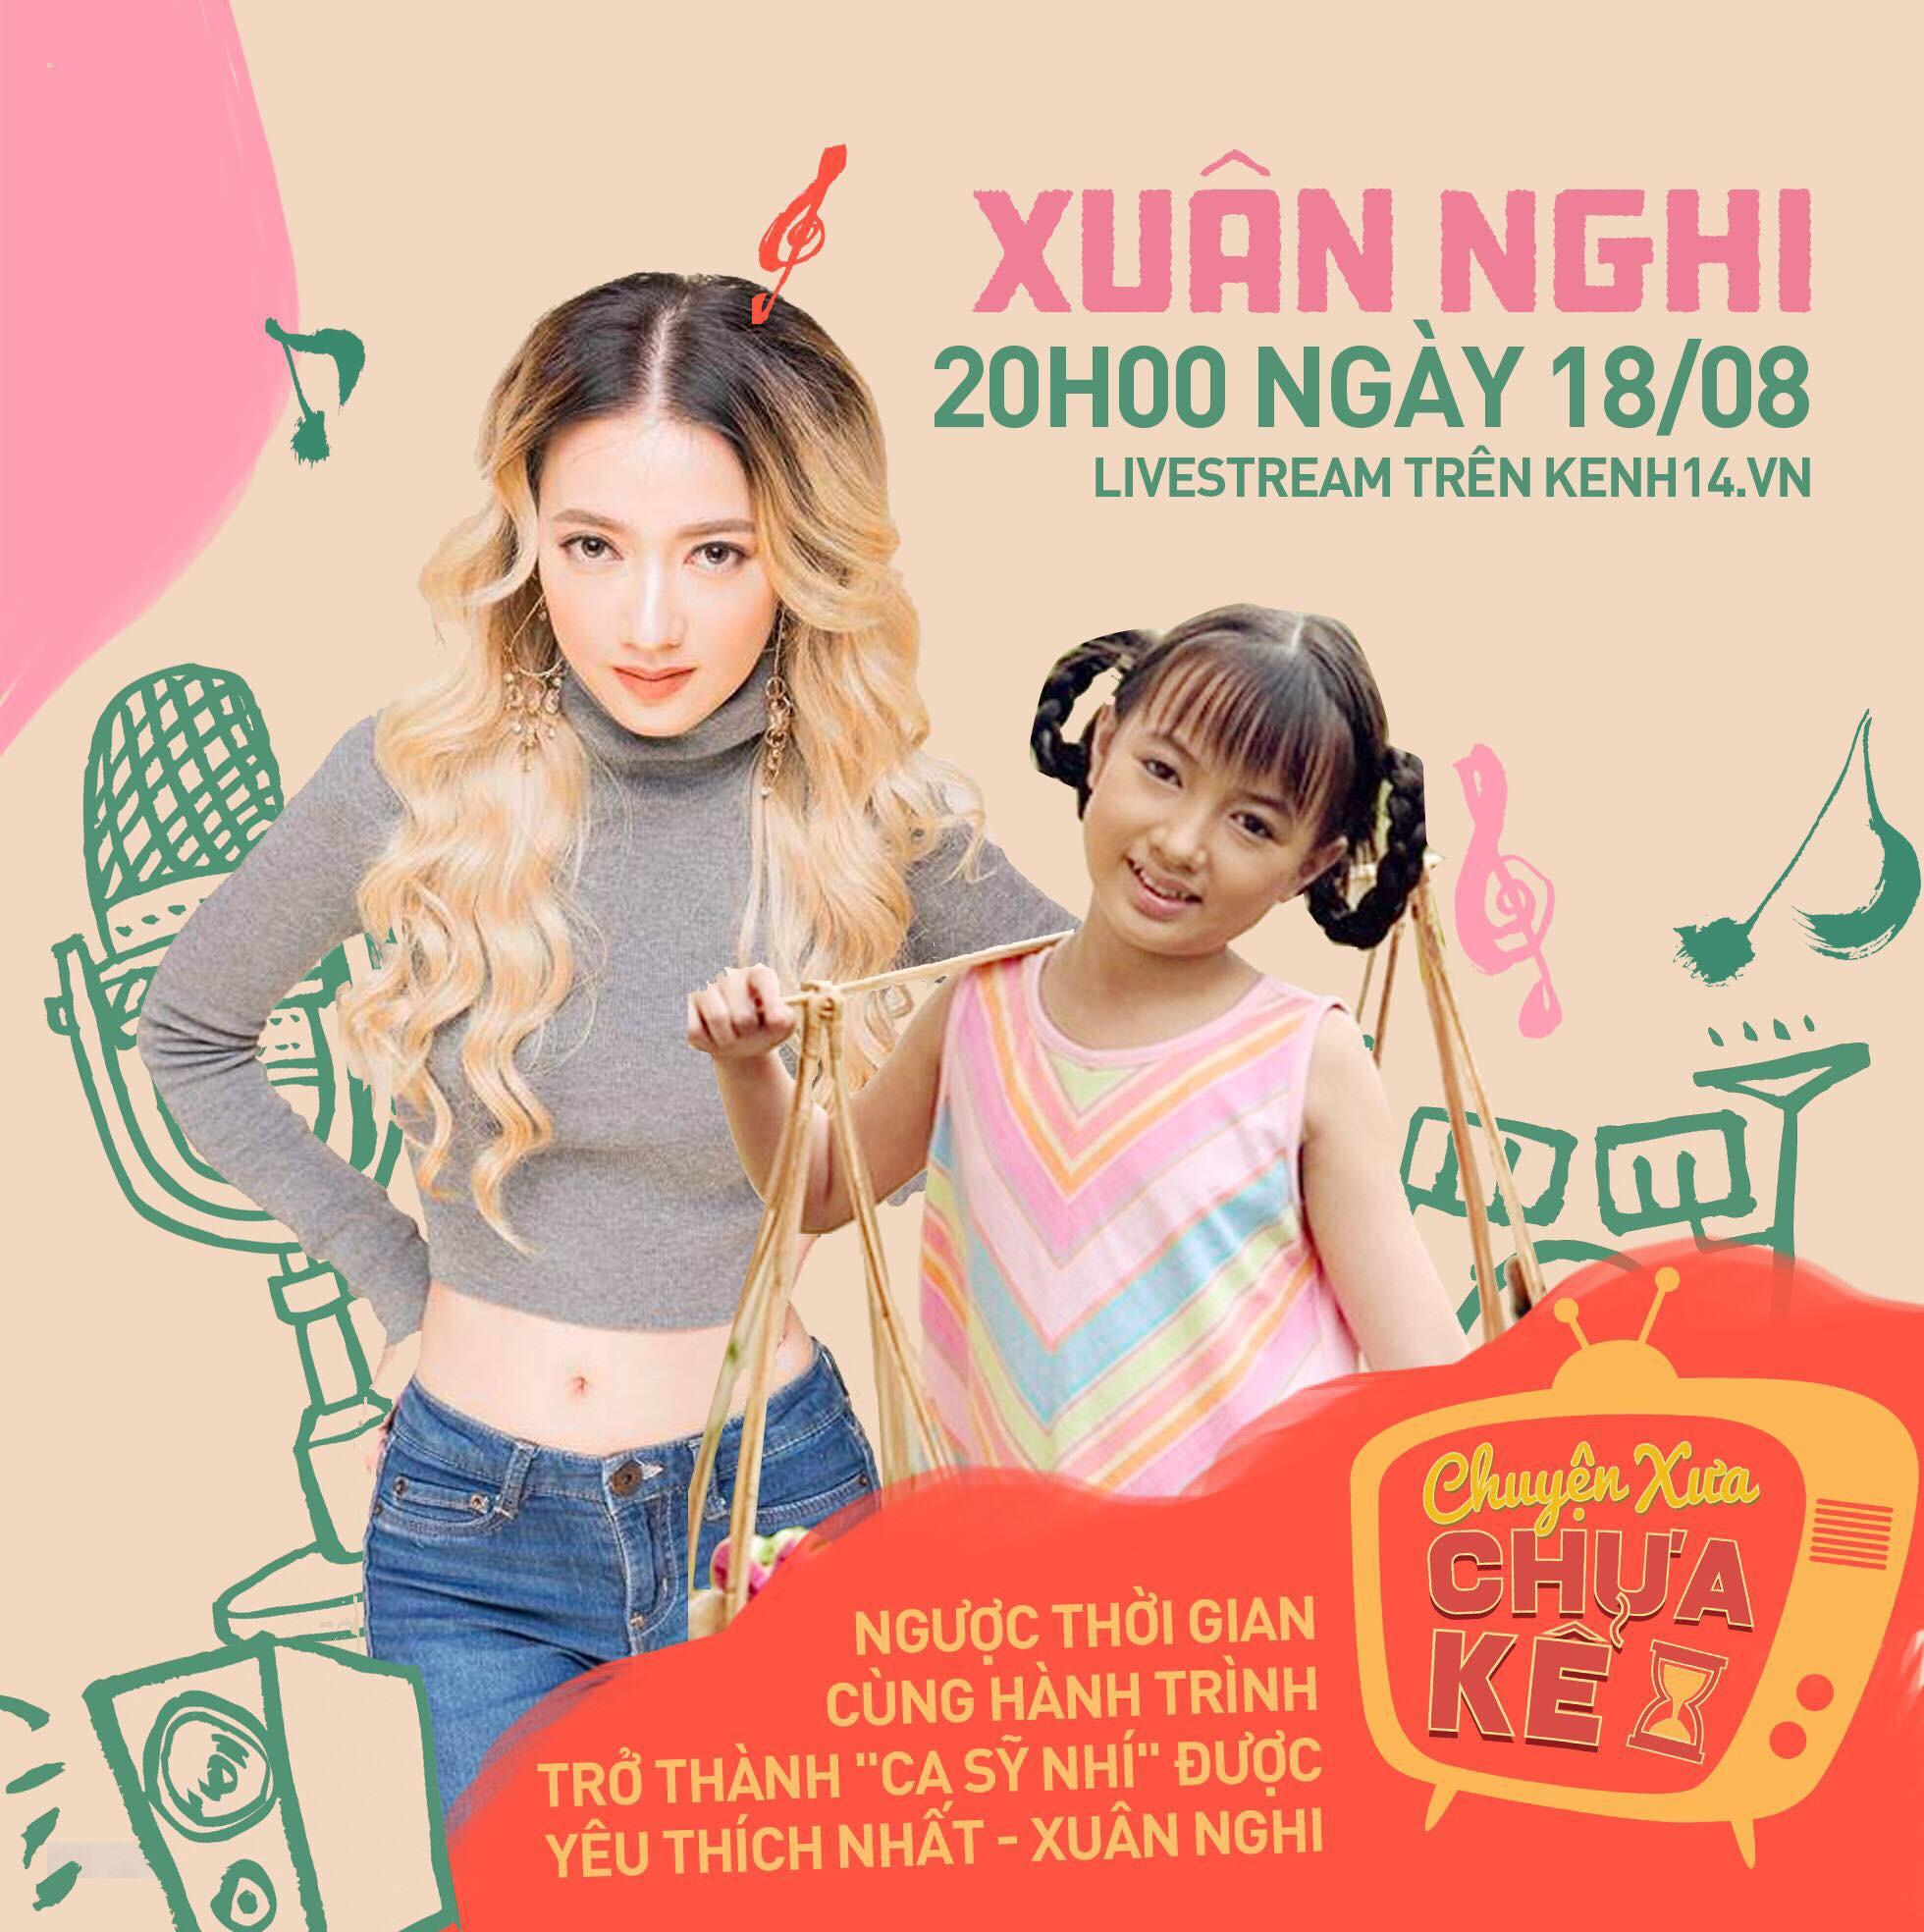 Xuân Nghi lần đầu tiết lộ Tăng Thanh Hà từng múa phụ hoạ cho mình hồi còn nhỏ - Ảnh 2.